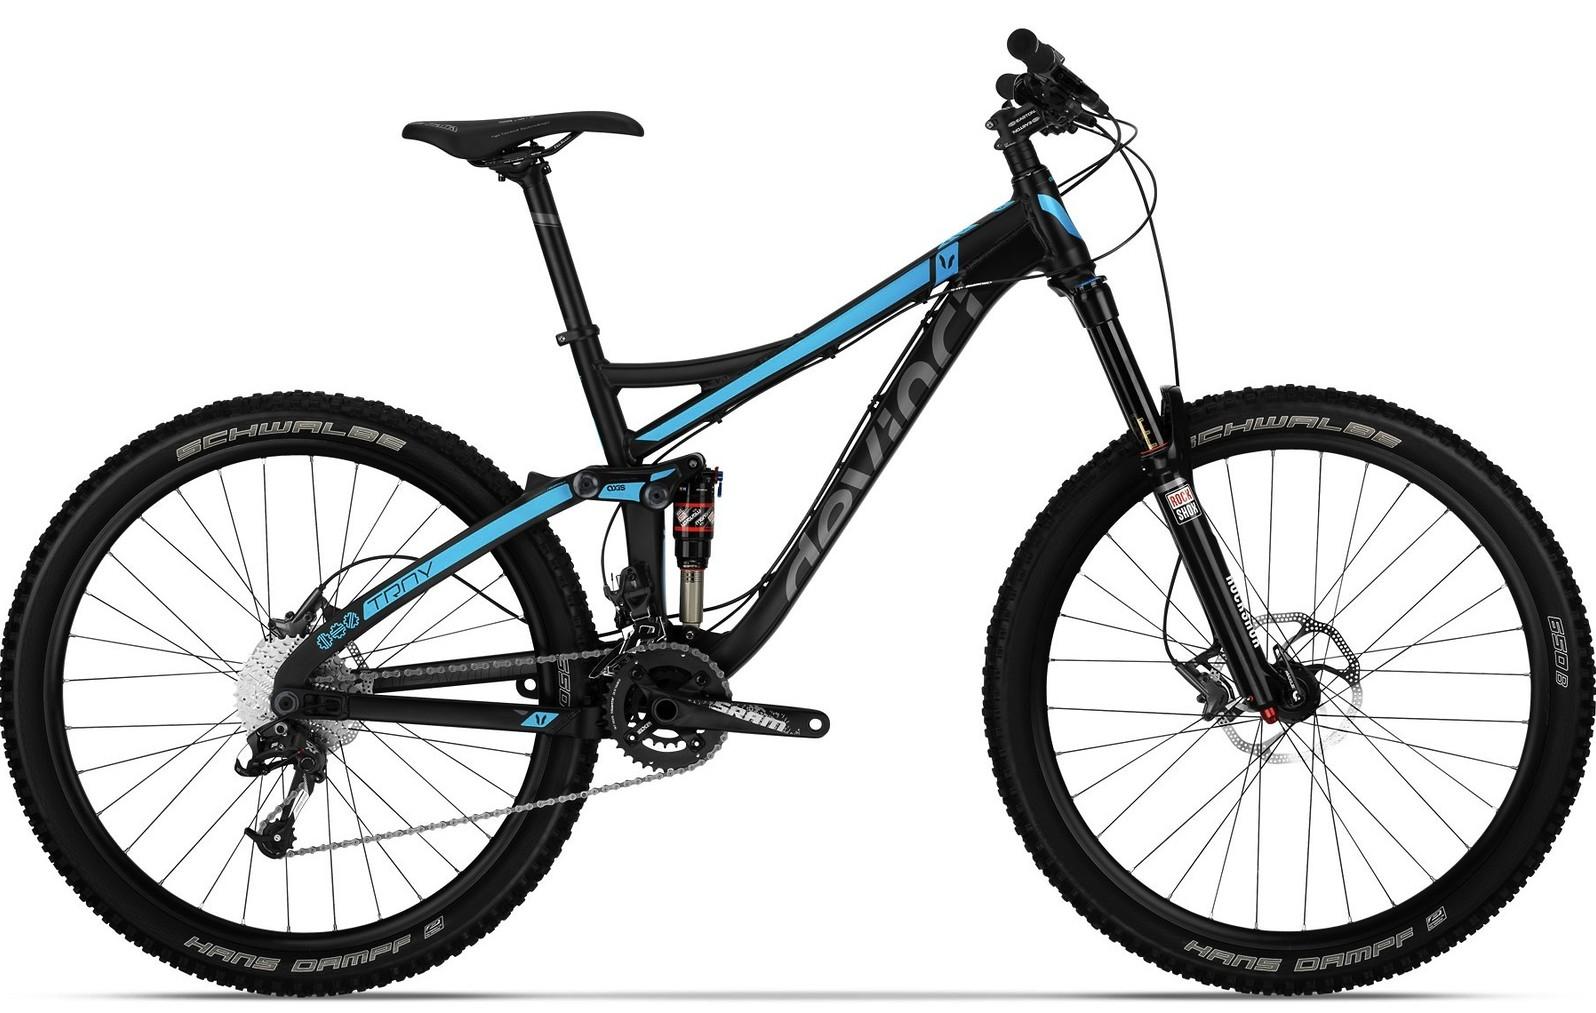 Bike - 2014 Devinci Troy XP